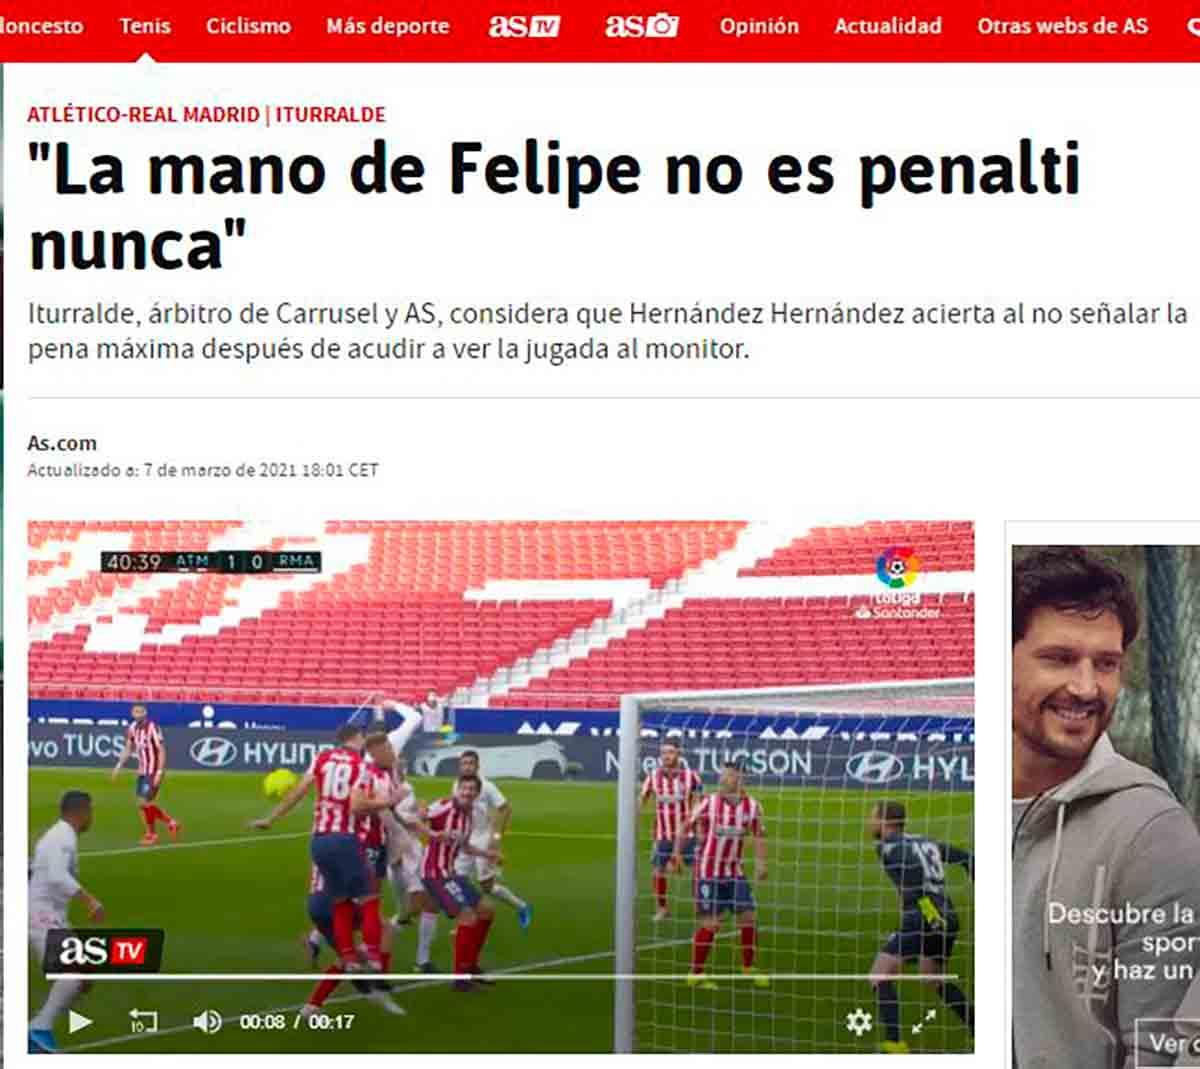 Mano de Felipe